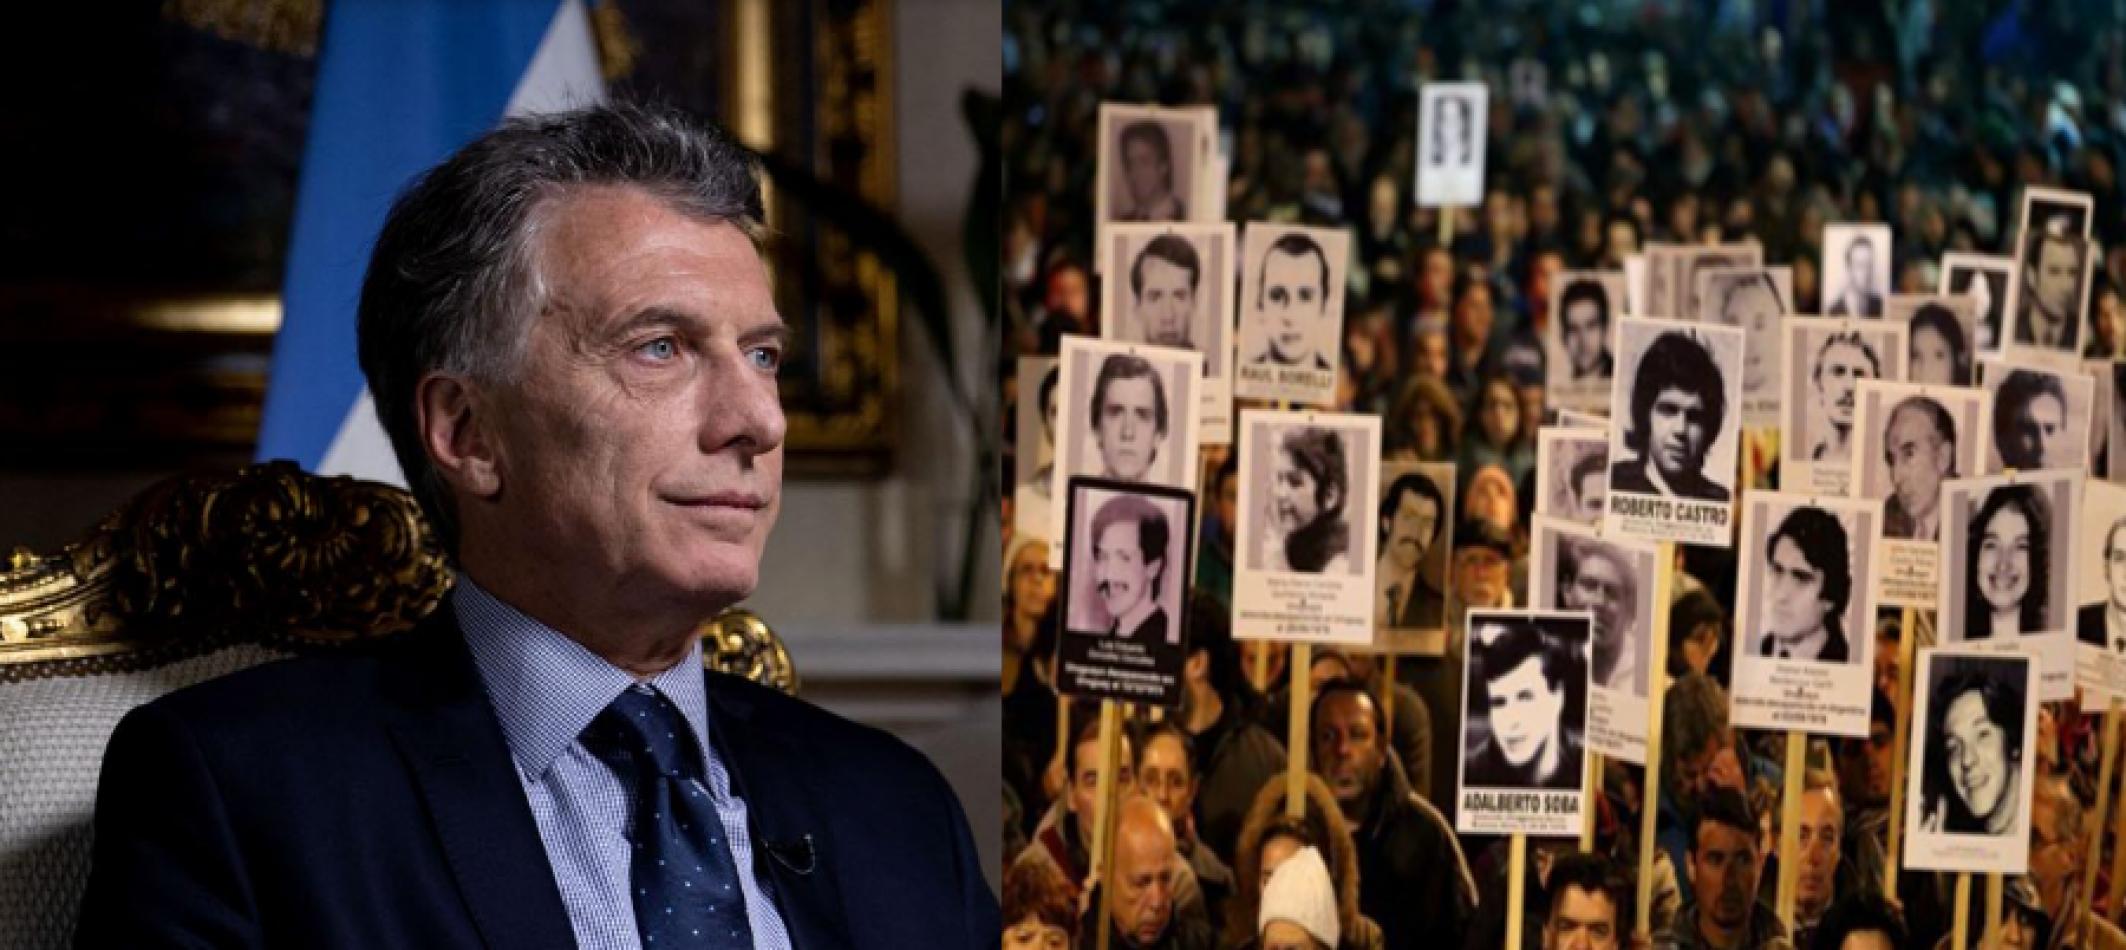 Denunciarán penalmente a Macri por violación de los deberes de funcionario público y encubrimiento agravado